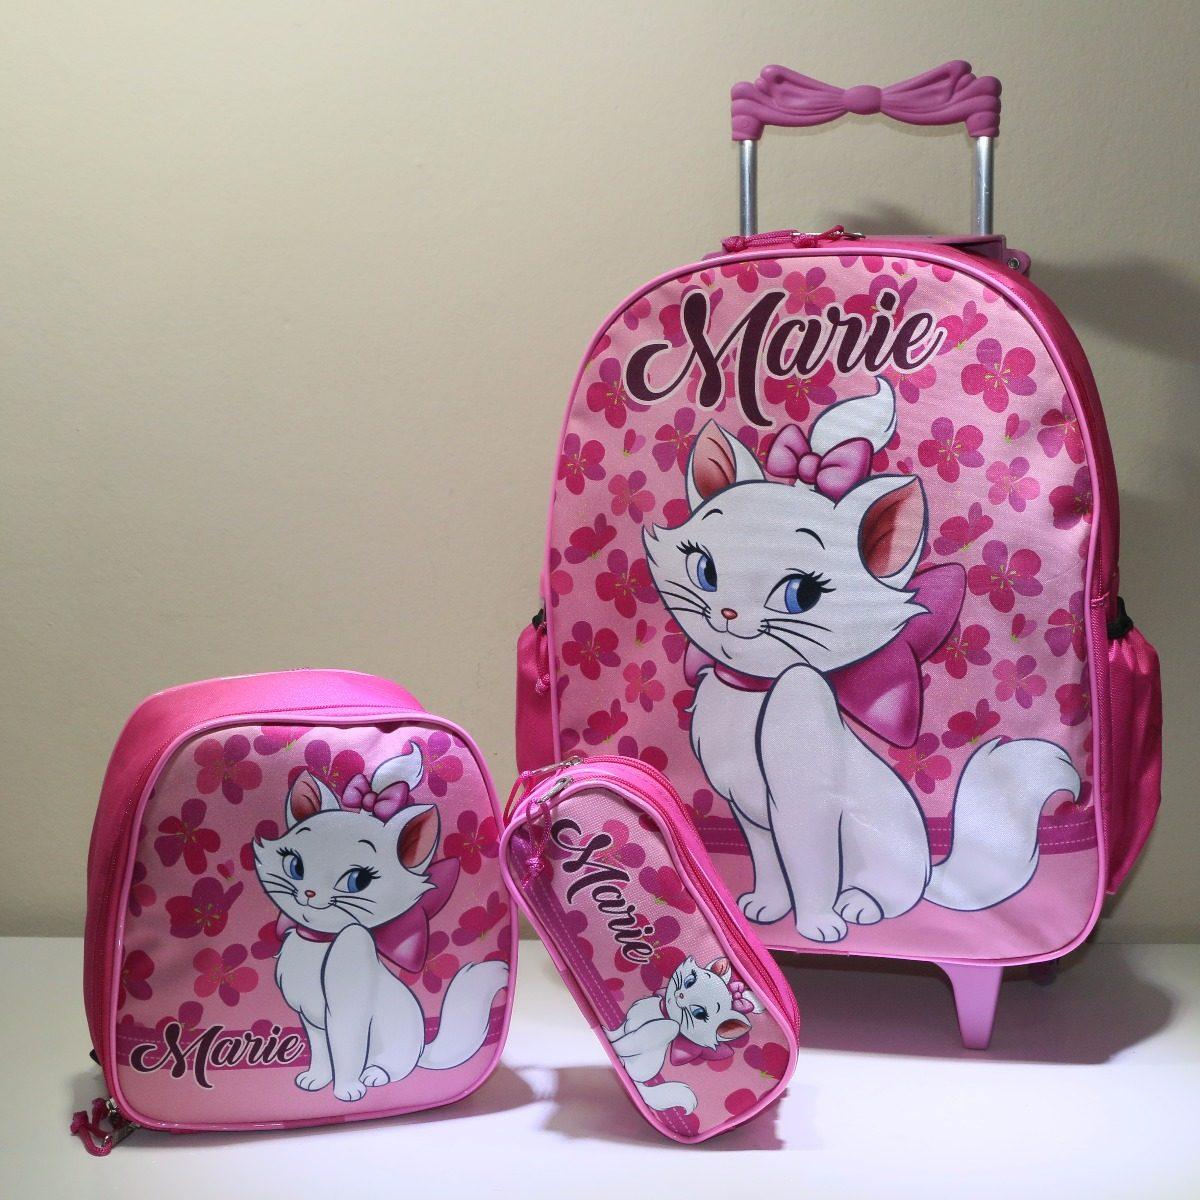 126e9d865 kit mochila escolar infantil rodinha gata marie - promoção. Carregando zoom.